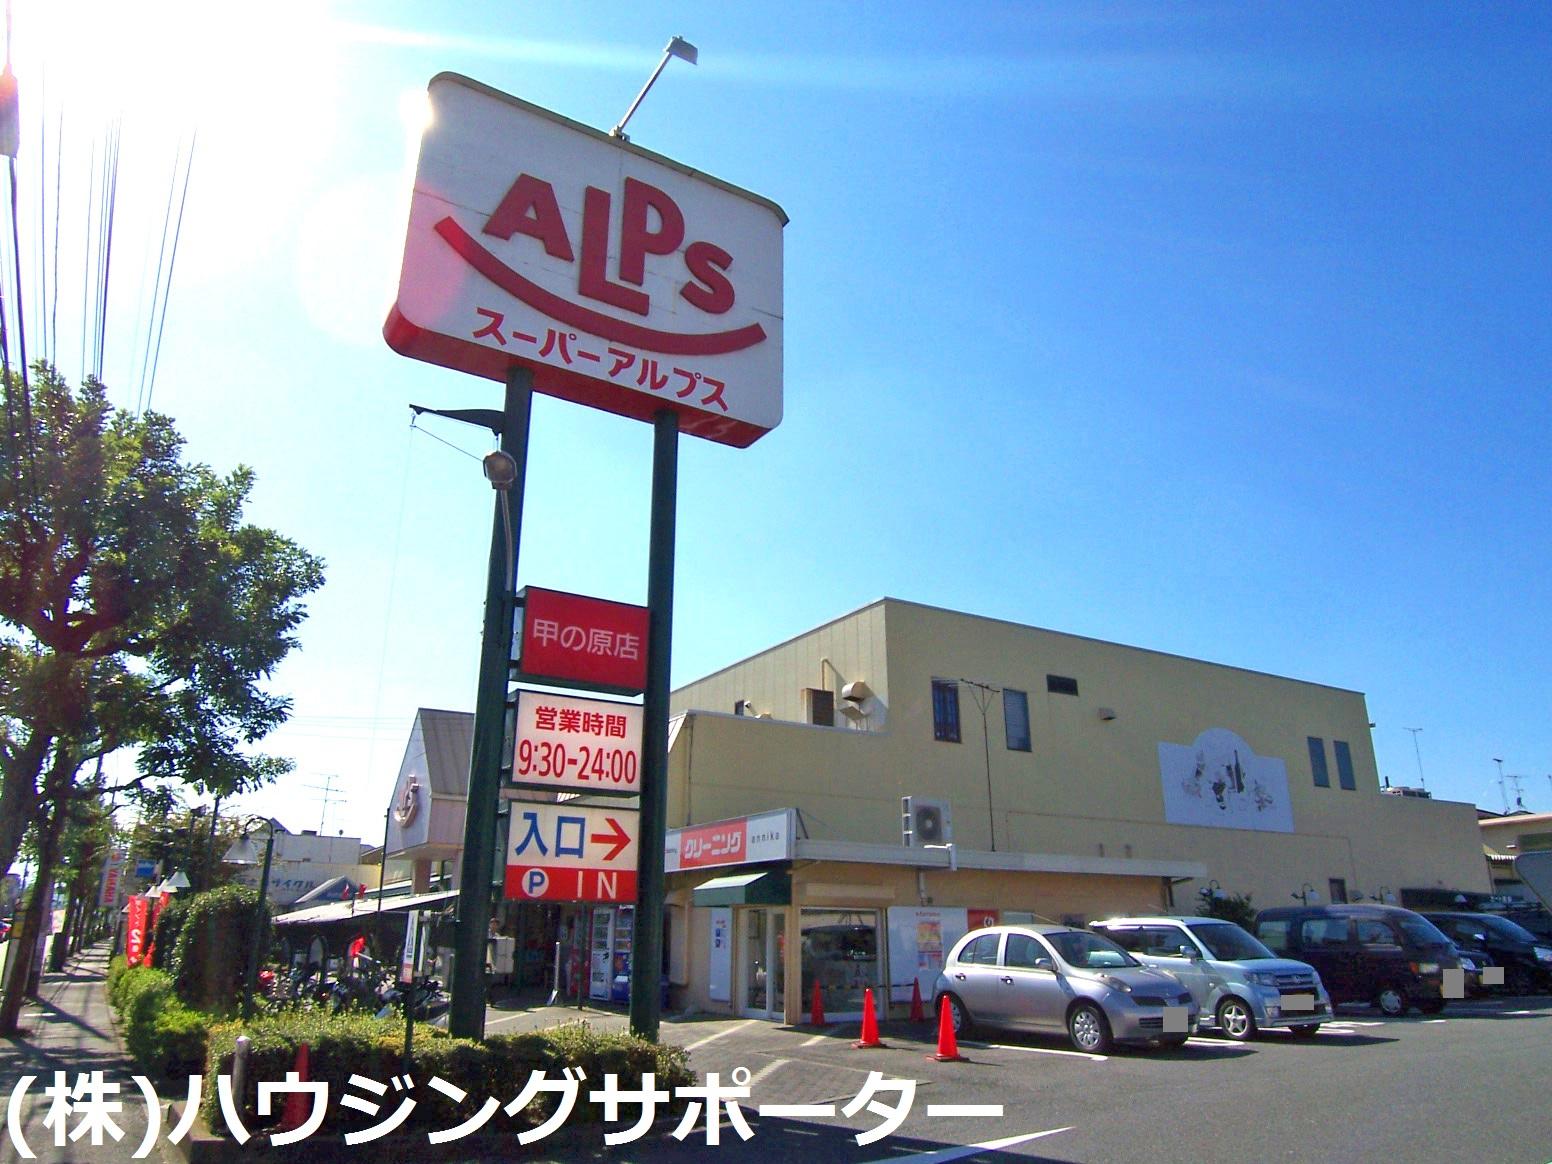 スーパー:スーパーアルプス 甲の原店 857m